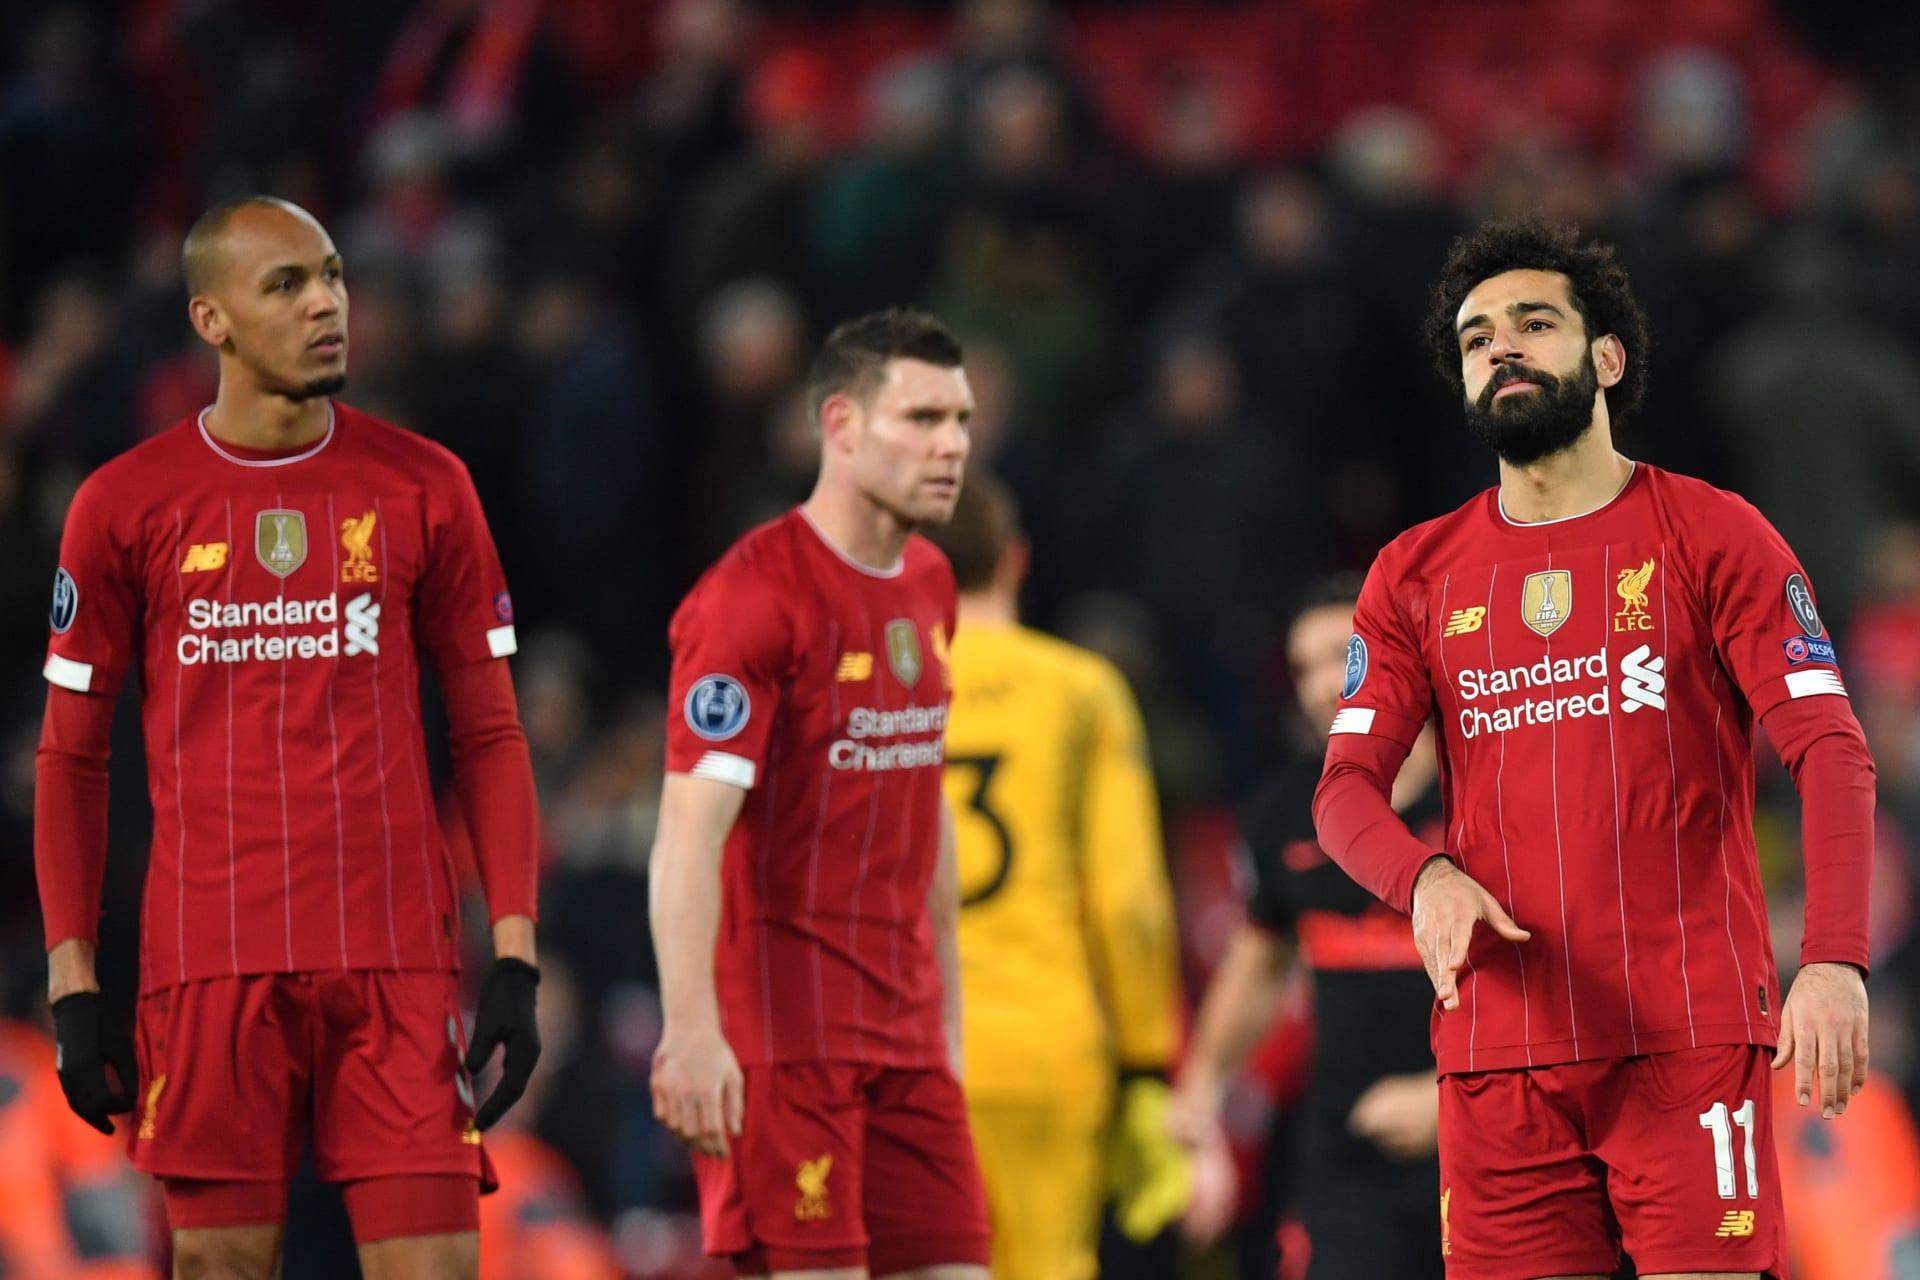 أتليتيكو مدريد يطيح بحامل اللقب من دوري أبطال أوروبا.. ويذهل ليفربول بثلاثية